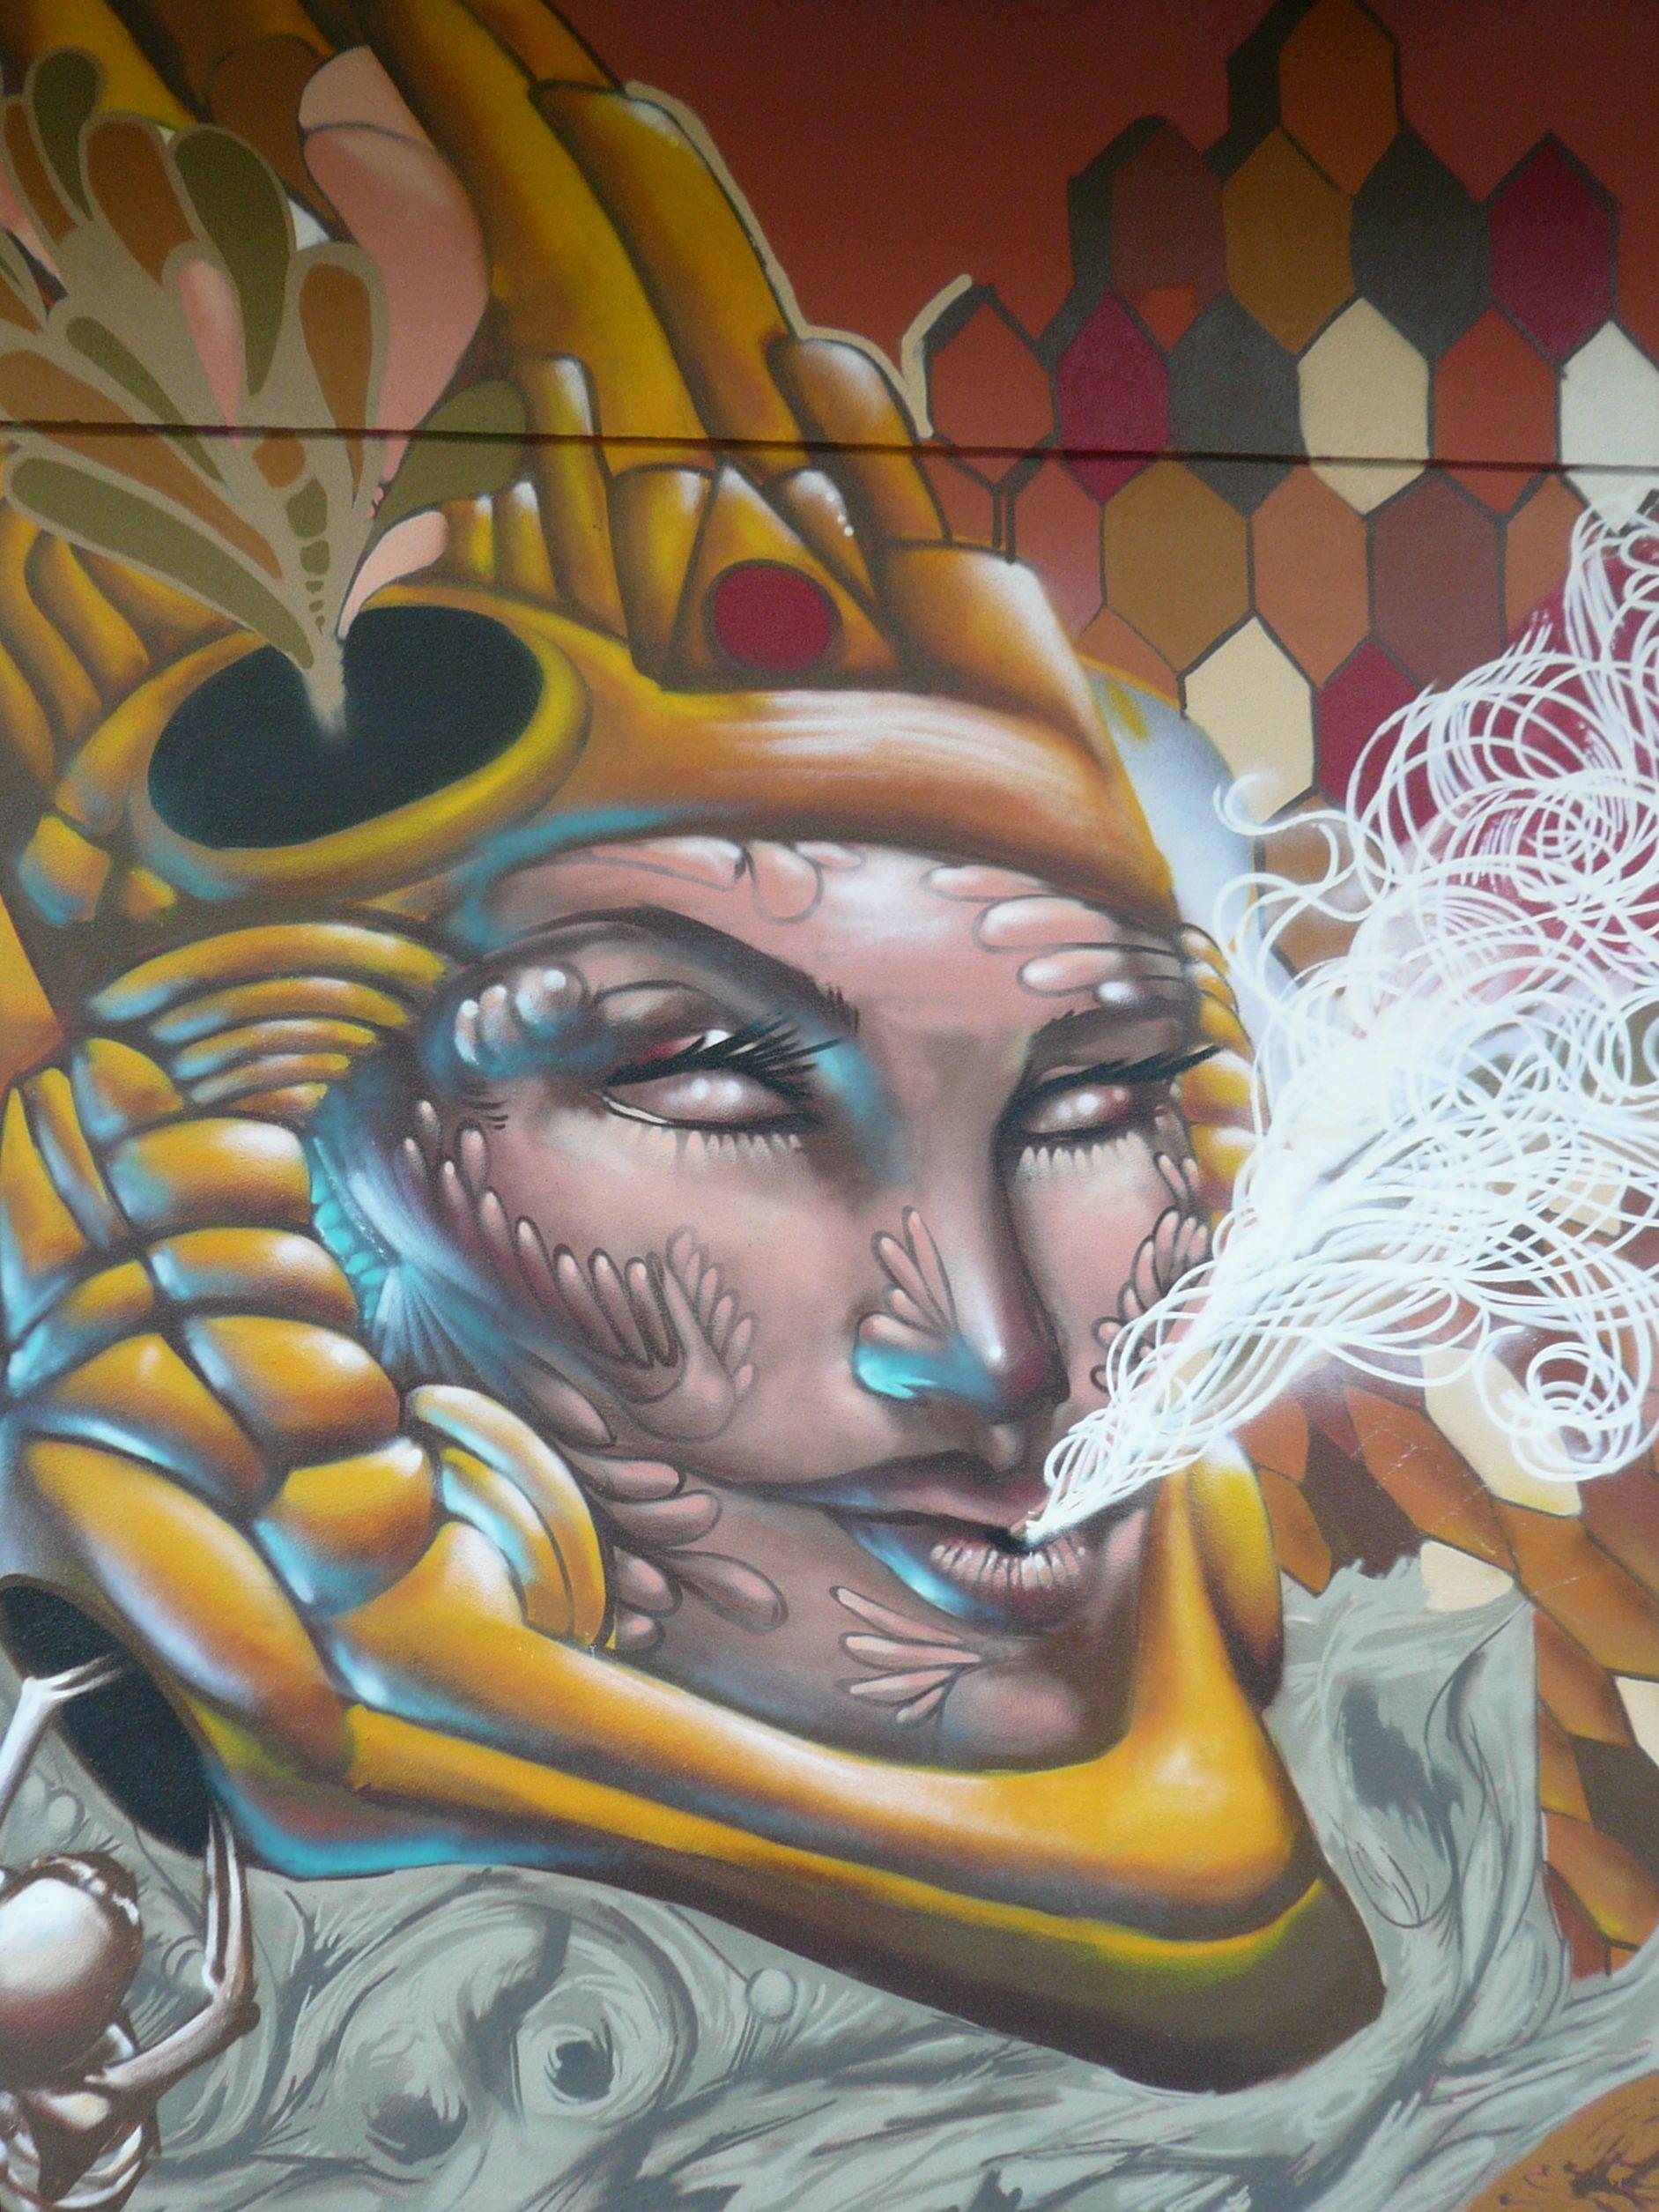 Graffiti wall art, Berlin